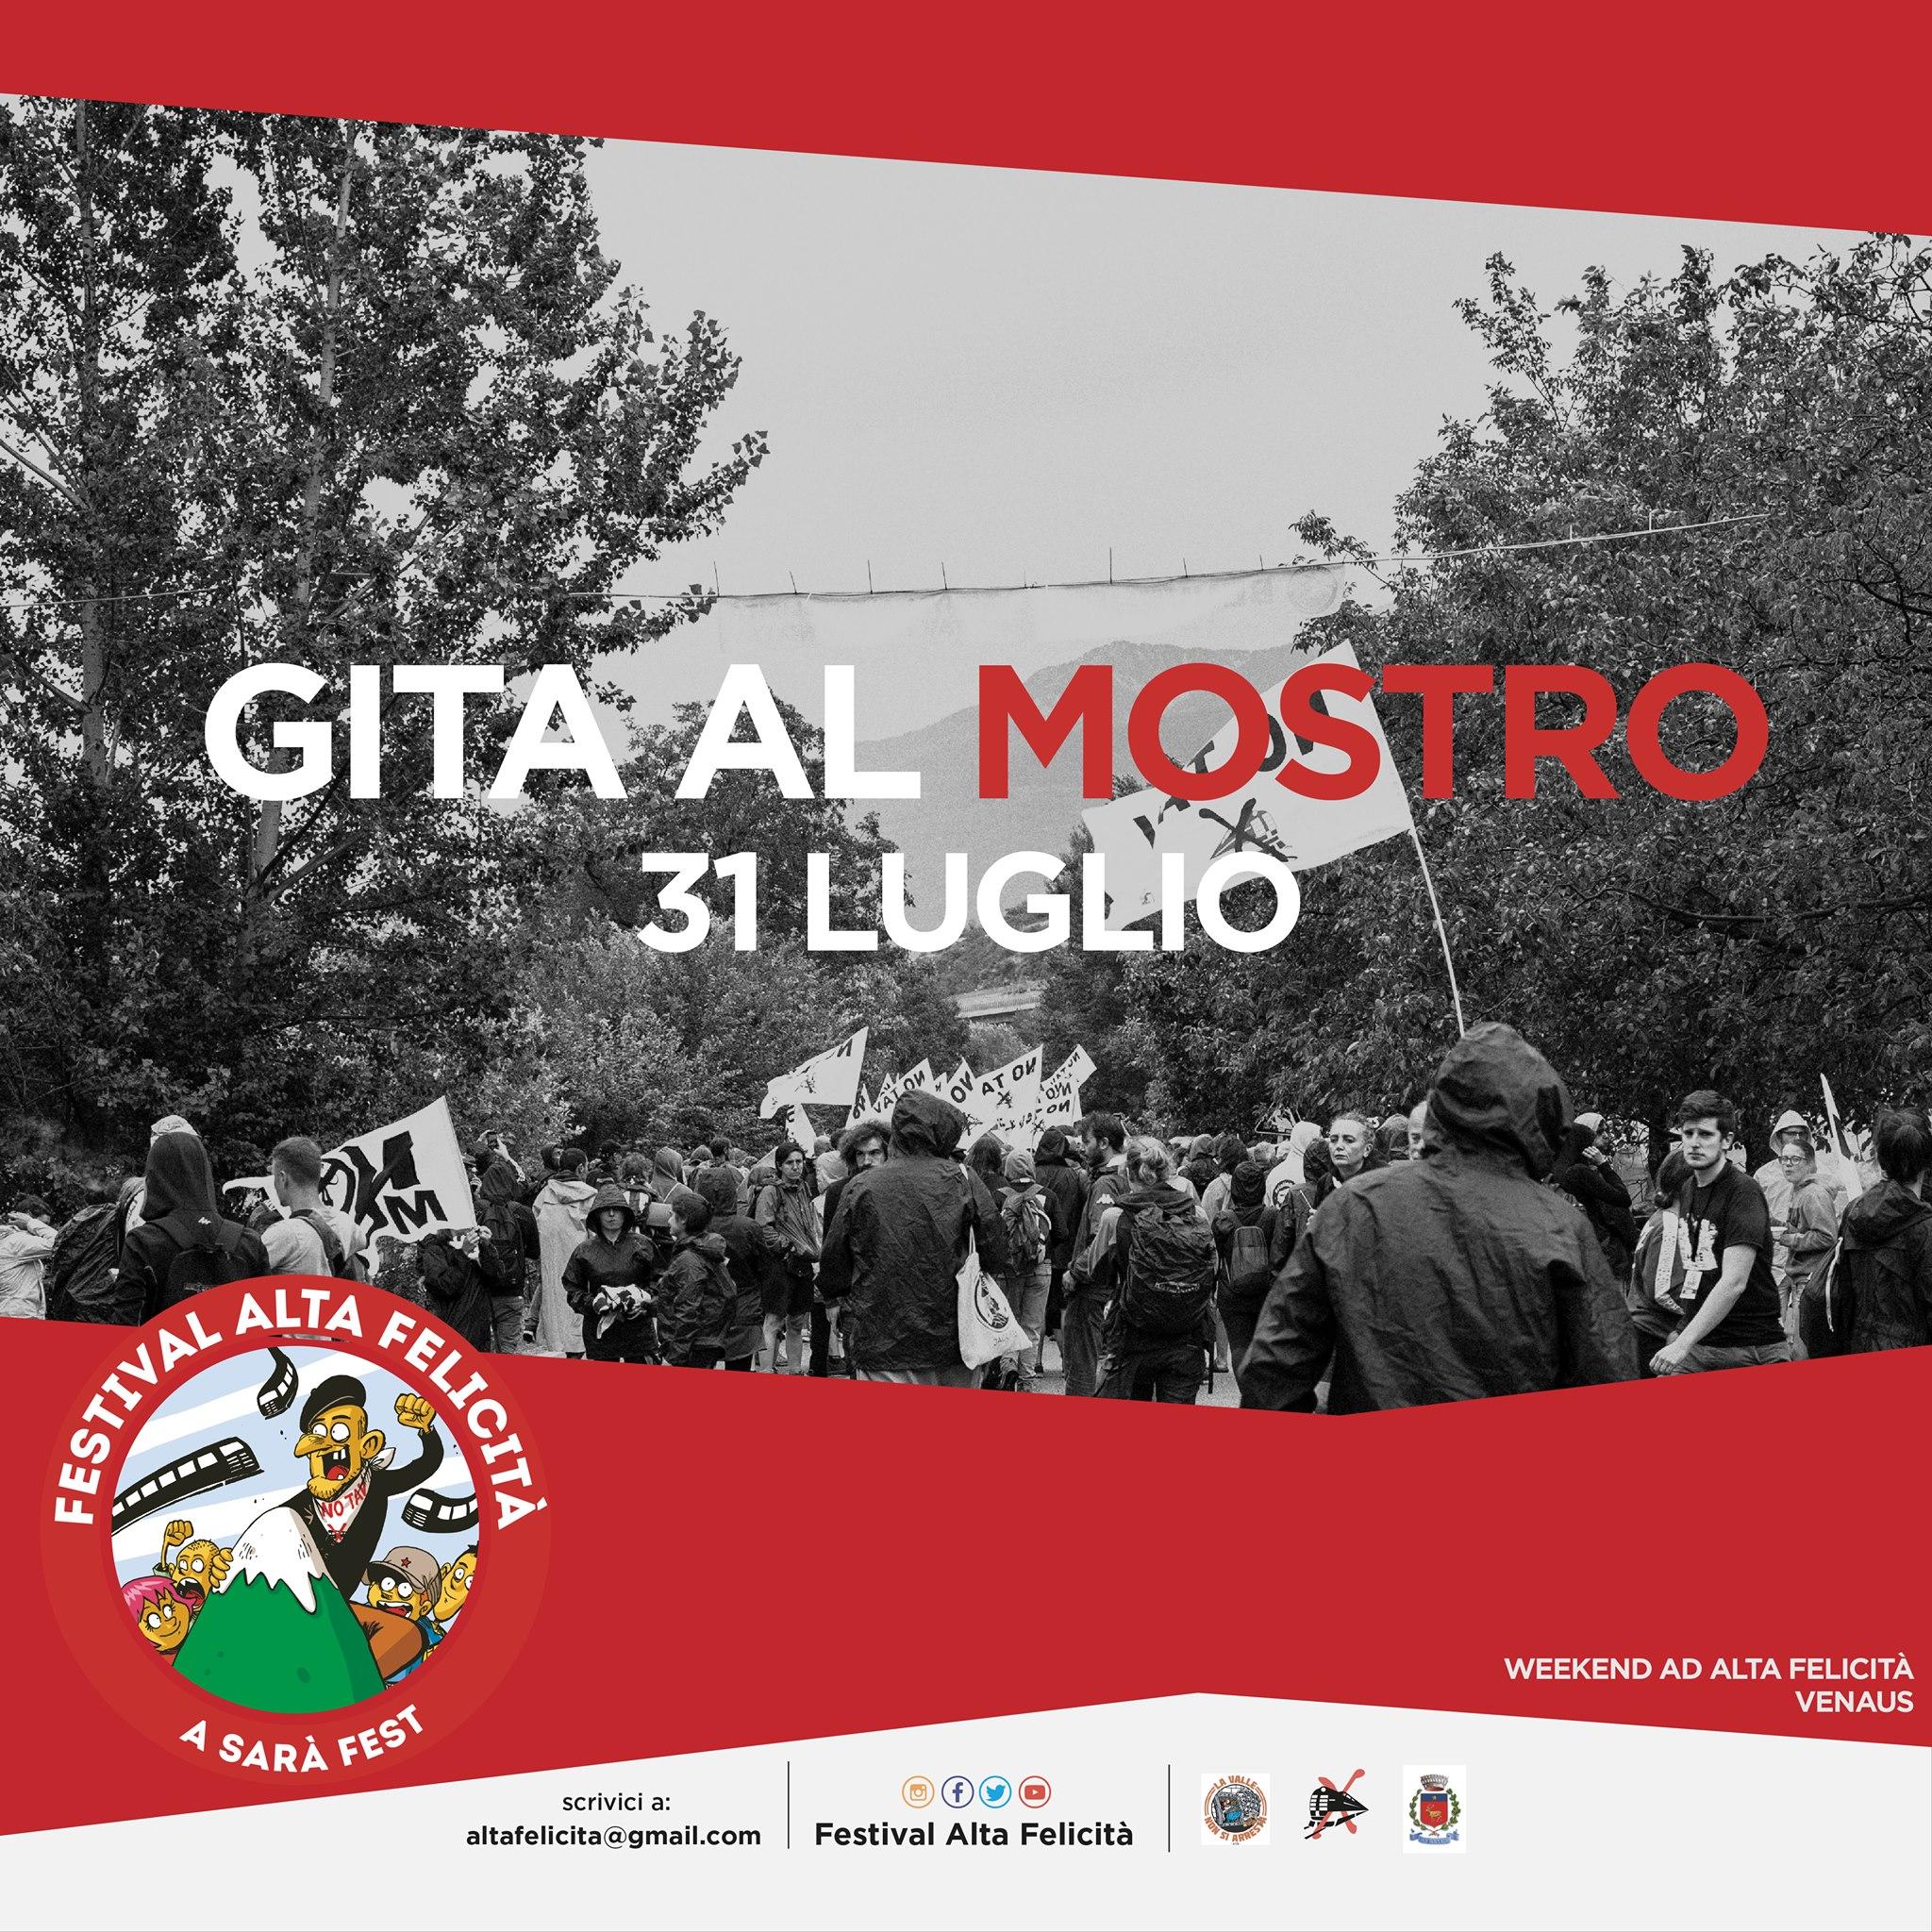 SABATO 31/07 : L'ALTA FELICITA' VA IN CLAREA